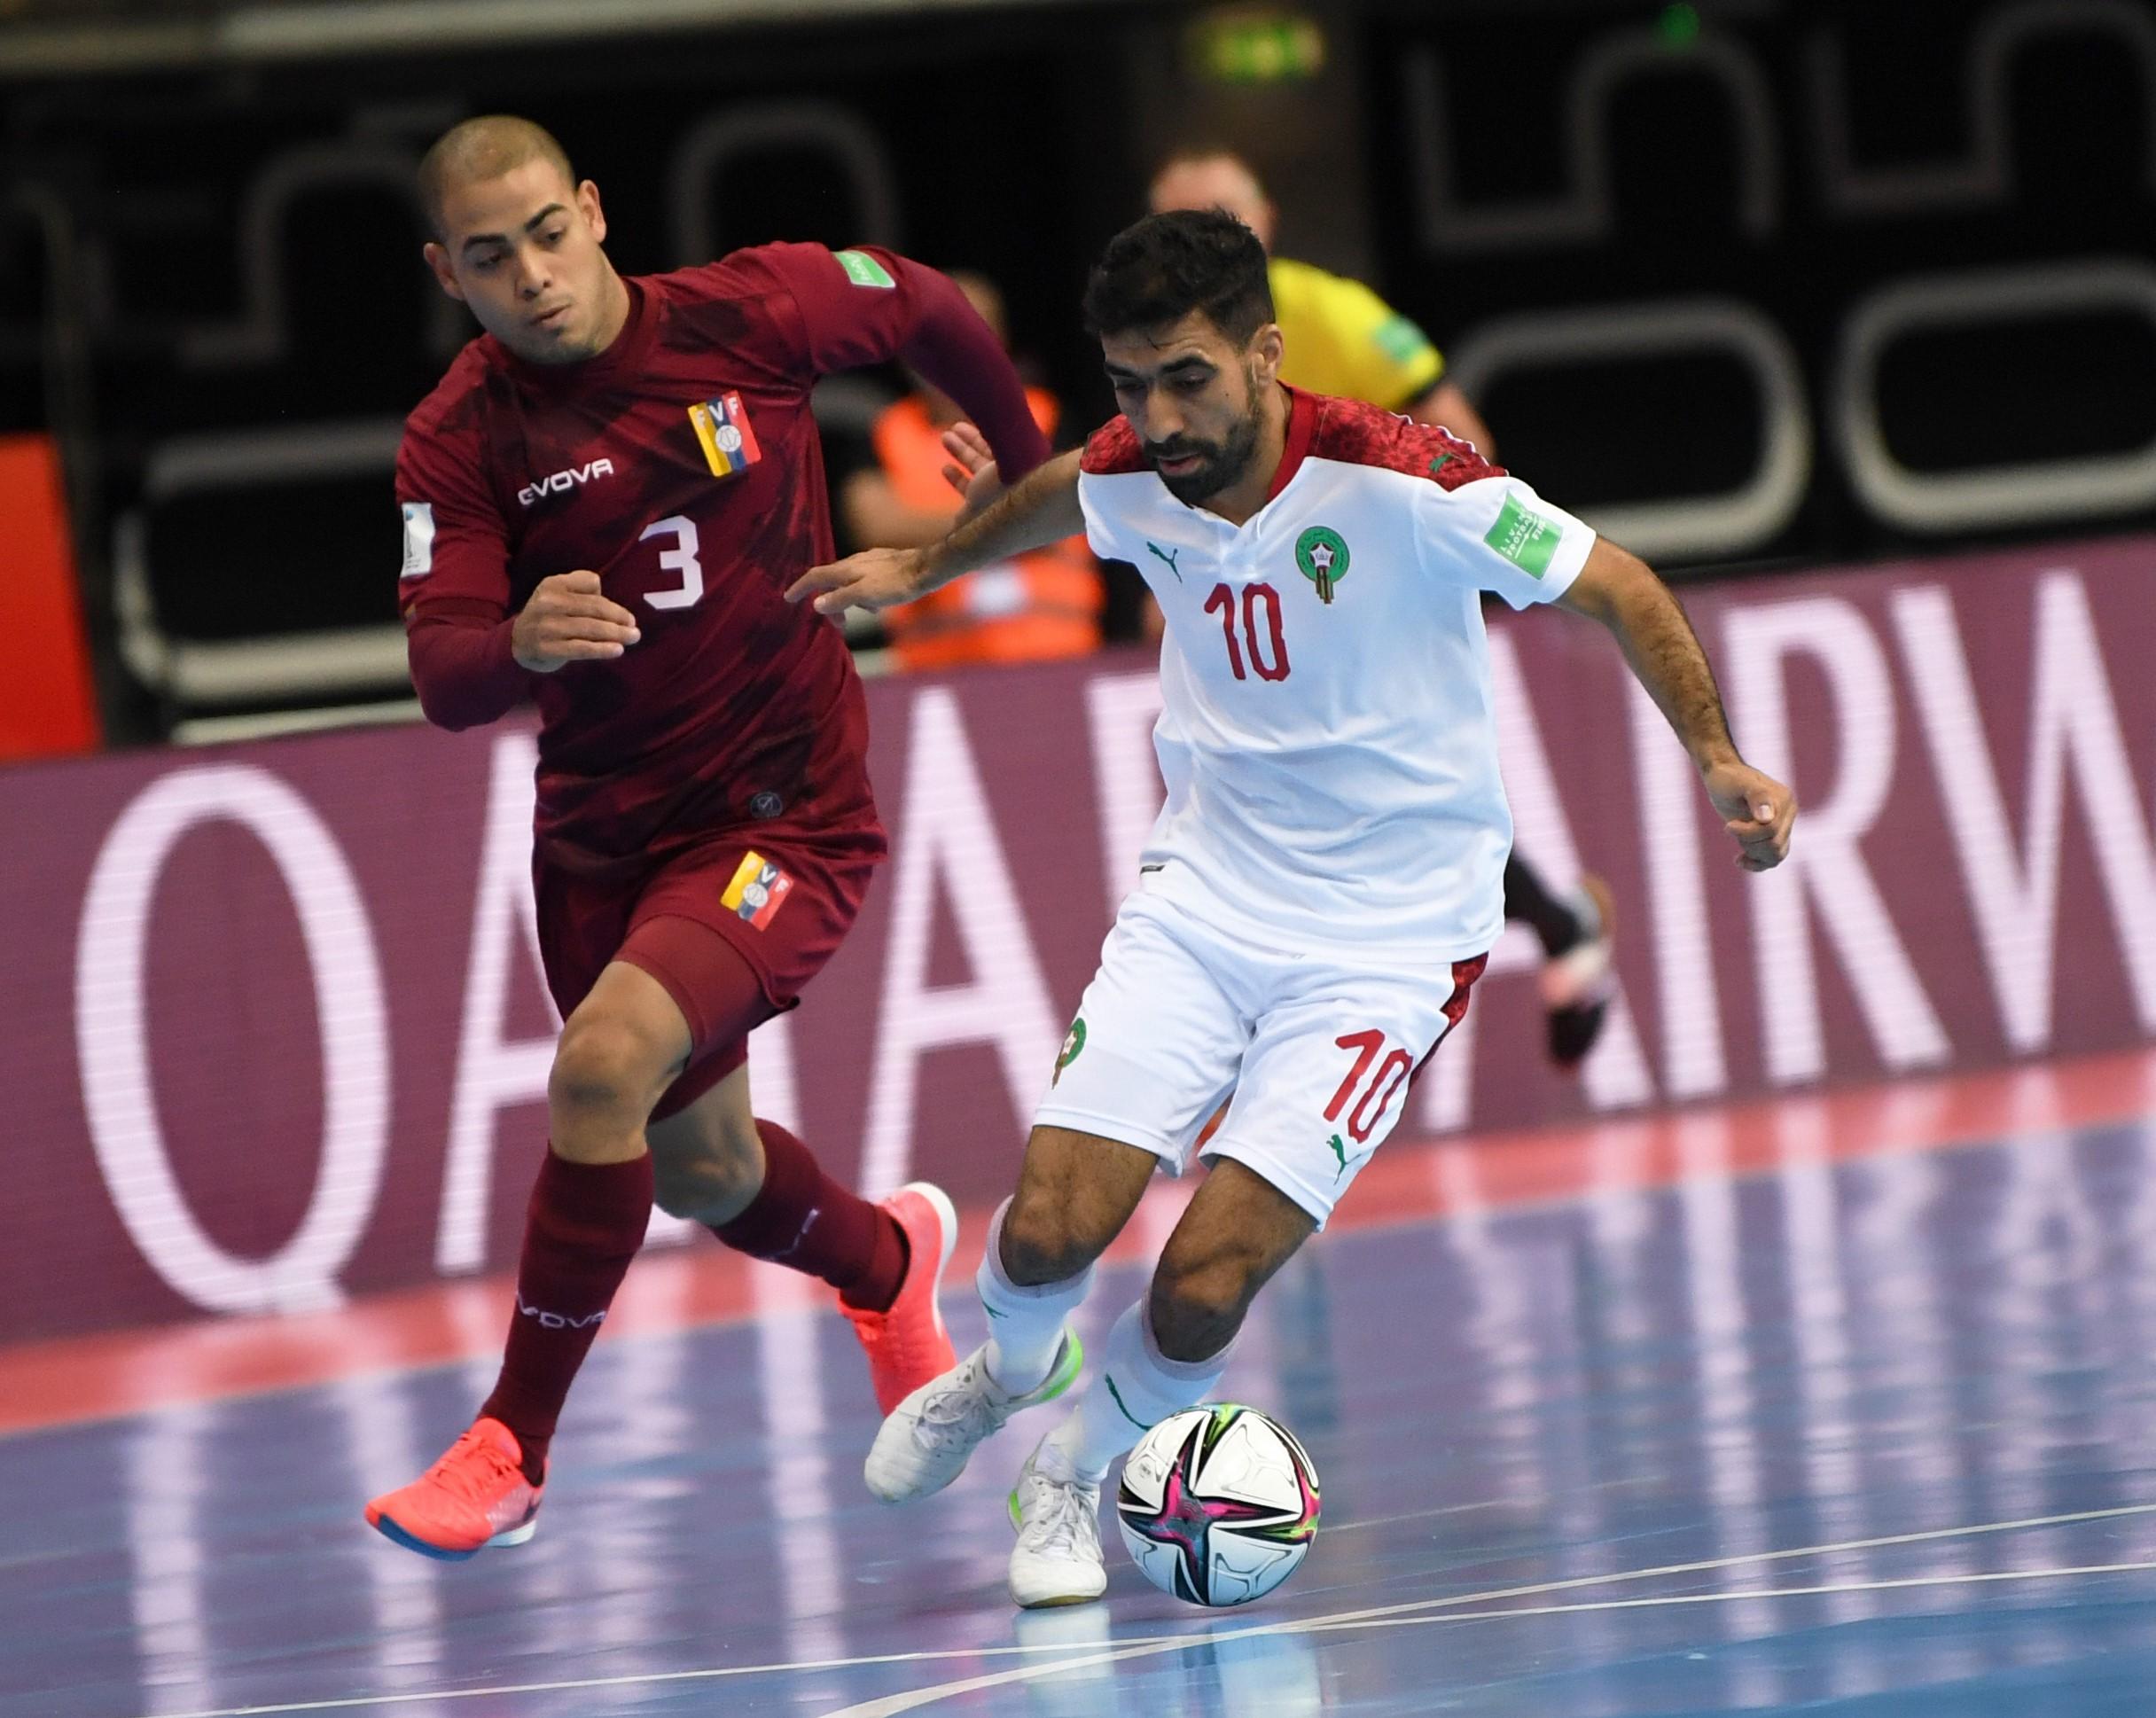 Mondial Futsal 2021: Le Maroc affrontera le Brésil ou le Japon en quart !